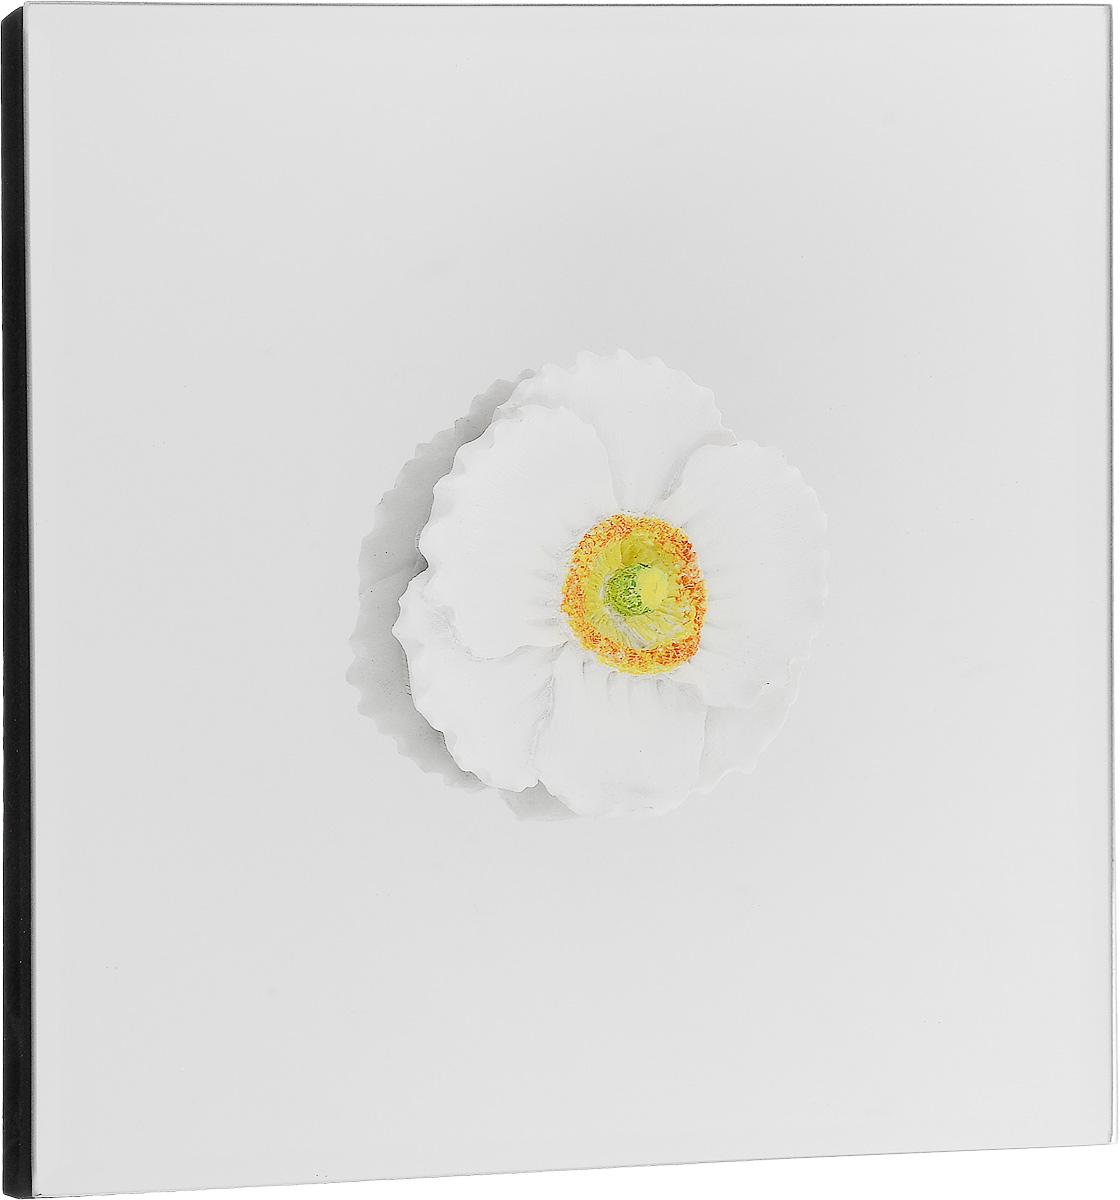 Украшение декоративное Феникс-Презент Цветок, настенное, 24 x 24 x 3 см44069Настенное украшение Феникс-Презент Цветок изготовлено из основы МДФ и зеркального стекла, декоративный элемент выполнен из полирезина в виде цветка. Для удобства размещения изделие оснащено металлической петелькой для подвешивания. Такое украшение не только подчеркнет ваш изысканный вкус, но и прекрасным подарком, который обязательно порадует получателя.